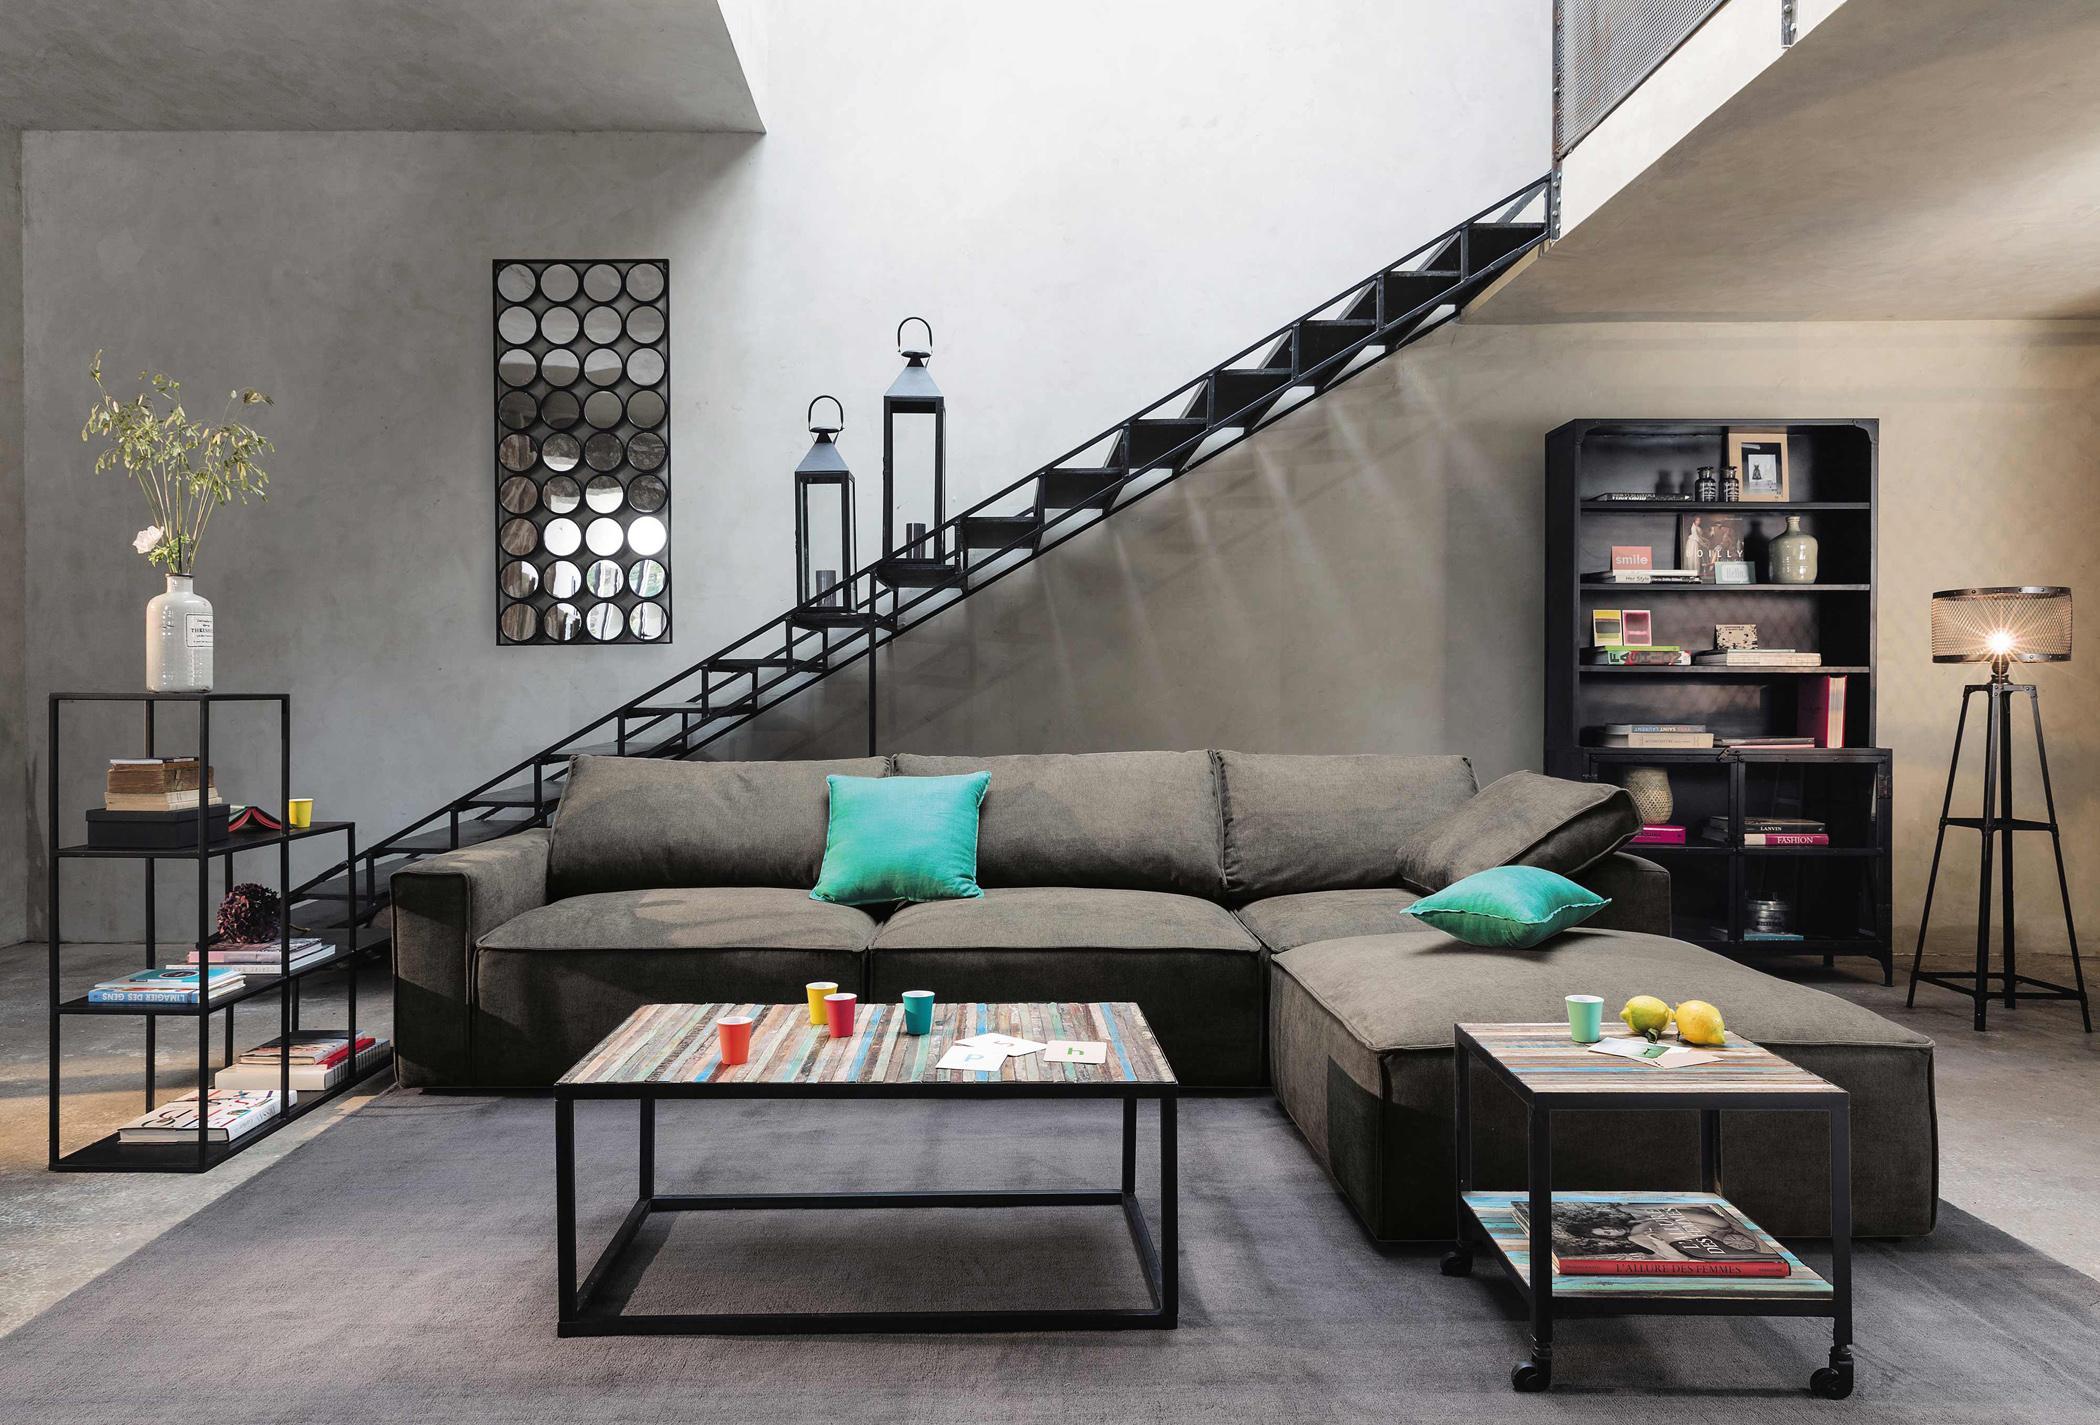 Offene treppe u2022 bilder & ideen u2022 couch